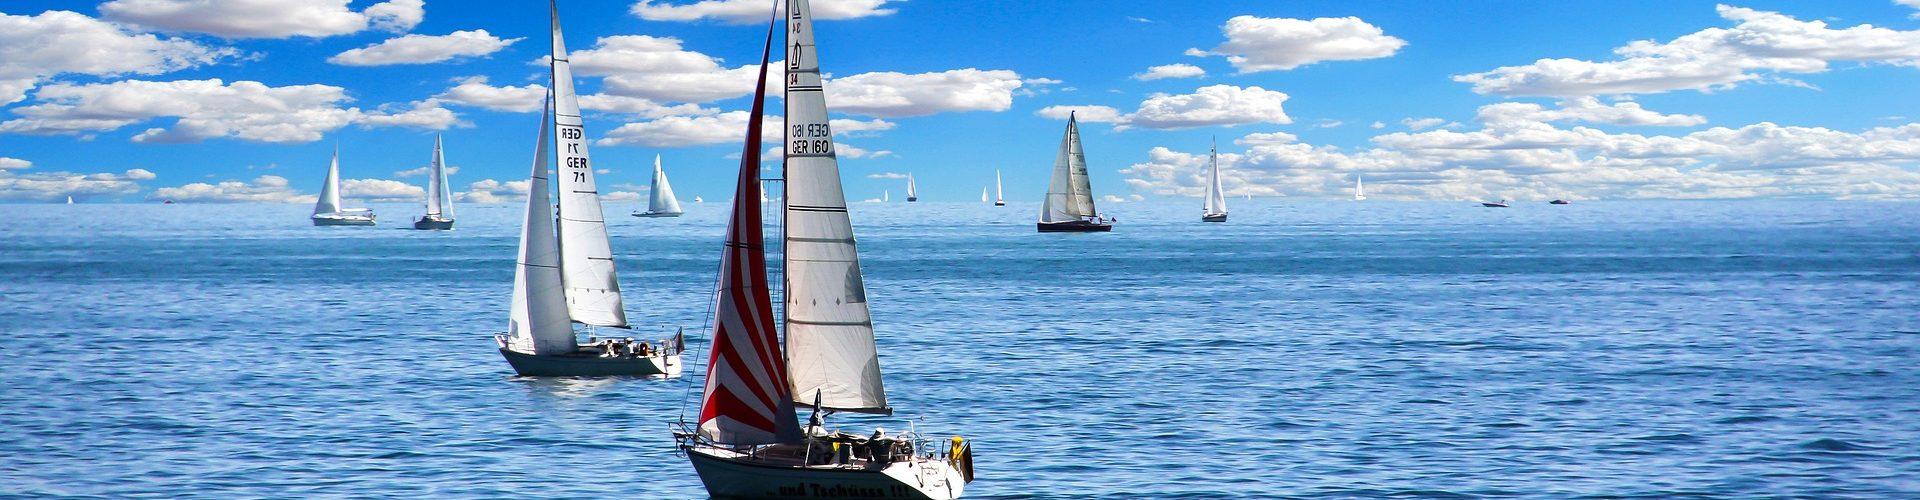 segeln lernen in Betzdorf segelschein machen in Betzdorf 1920x500 - Segeln lernen in Betzdorf